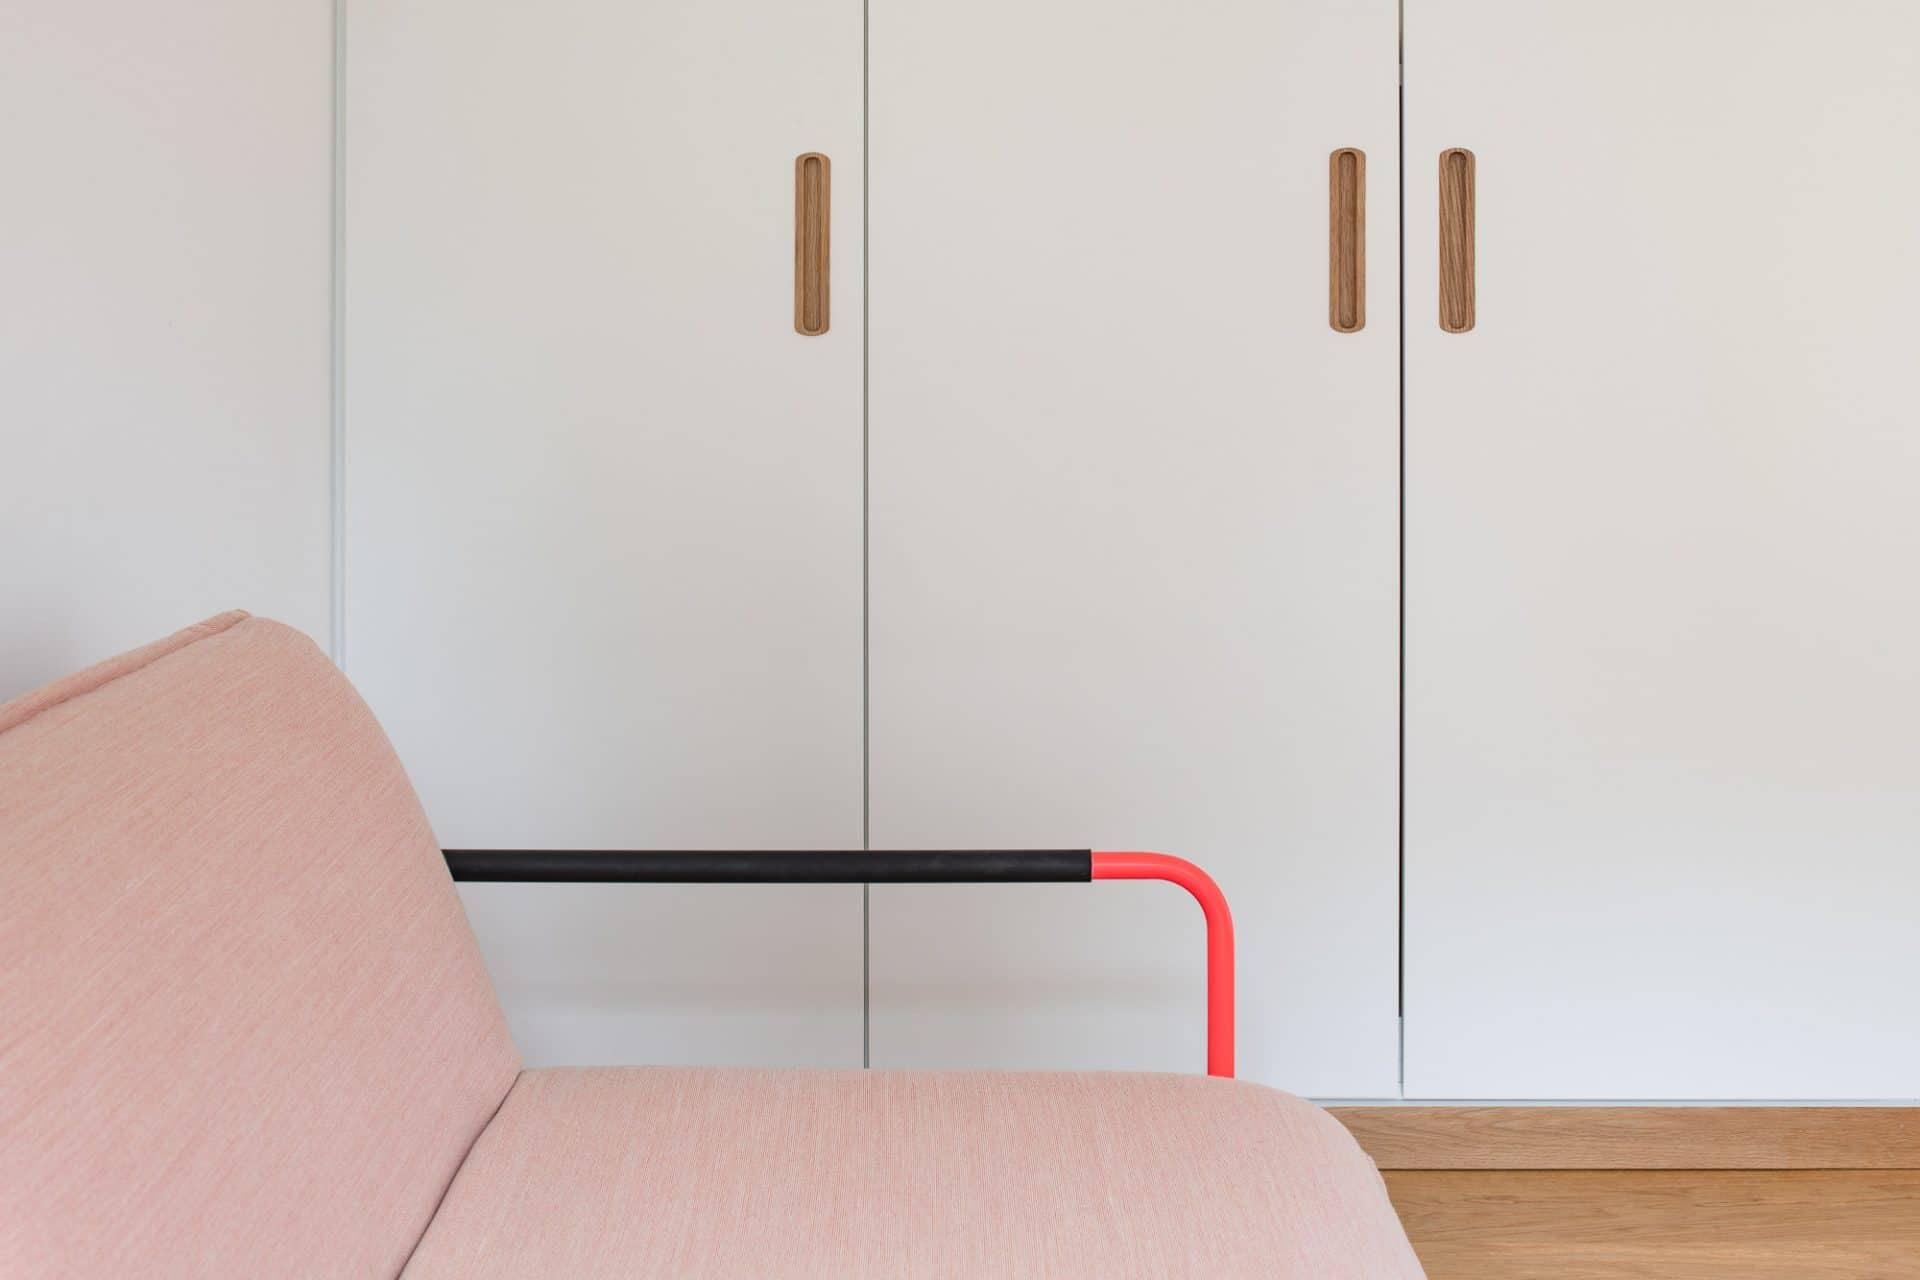 Küchendesign von VOIT aus Beton in Kombination mit Eiche Natur - Einbaukleiderschrank